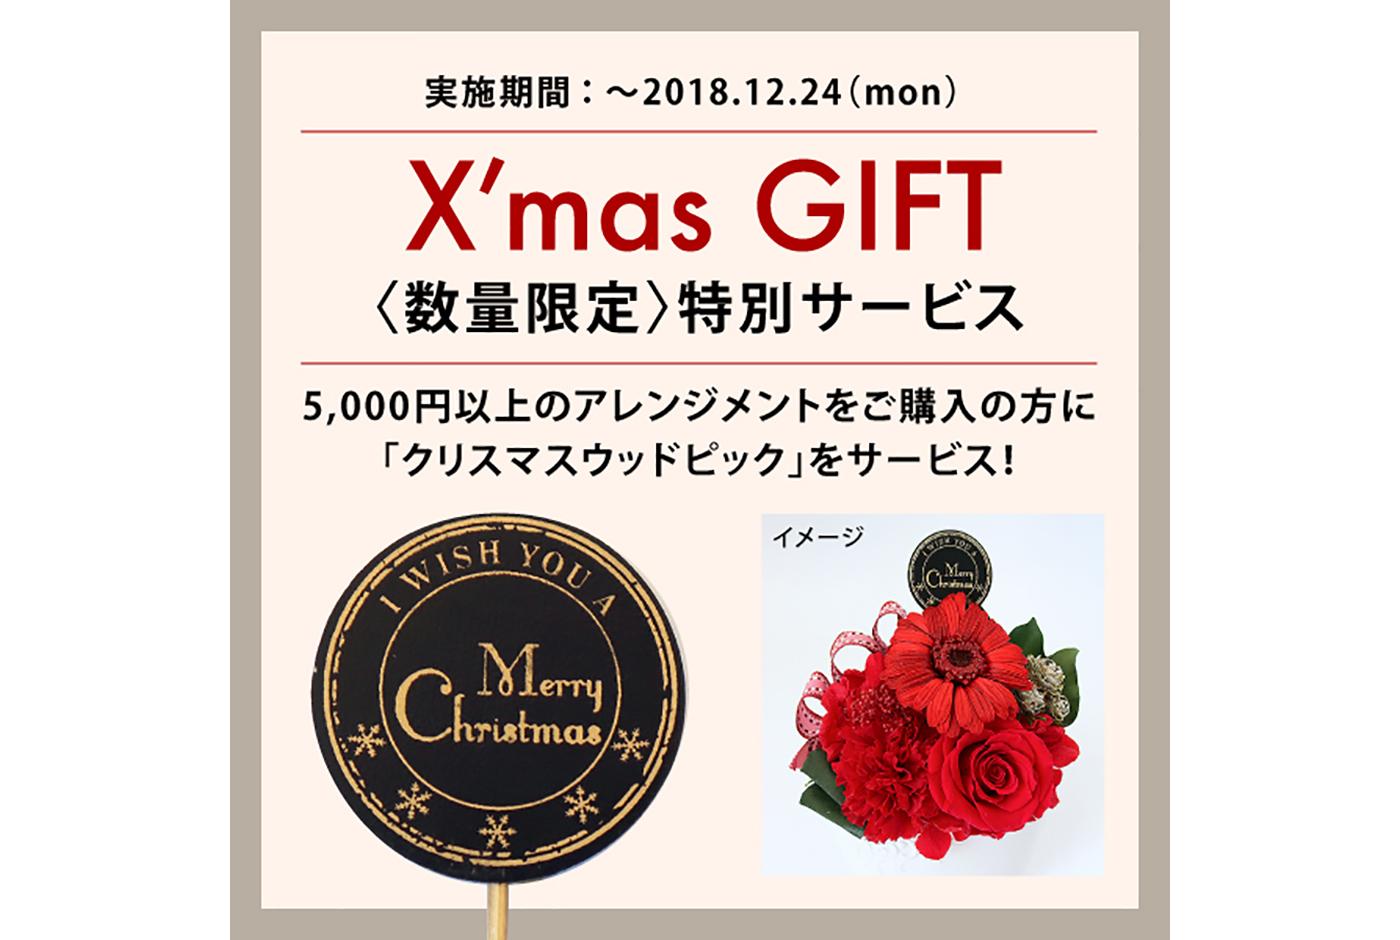 オンラインストア「クリスマスリース&ギフト」特集